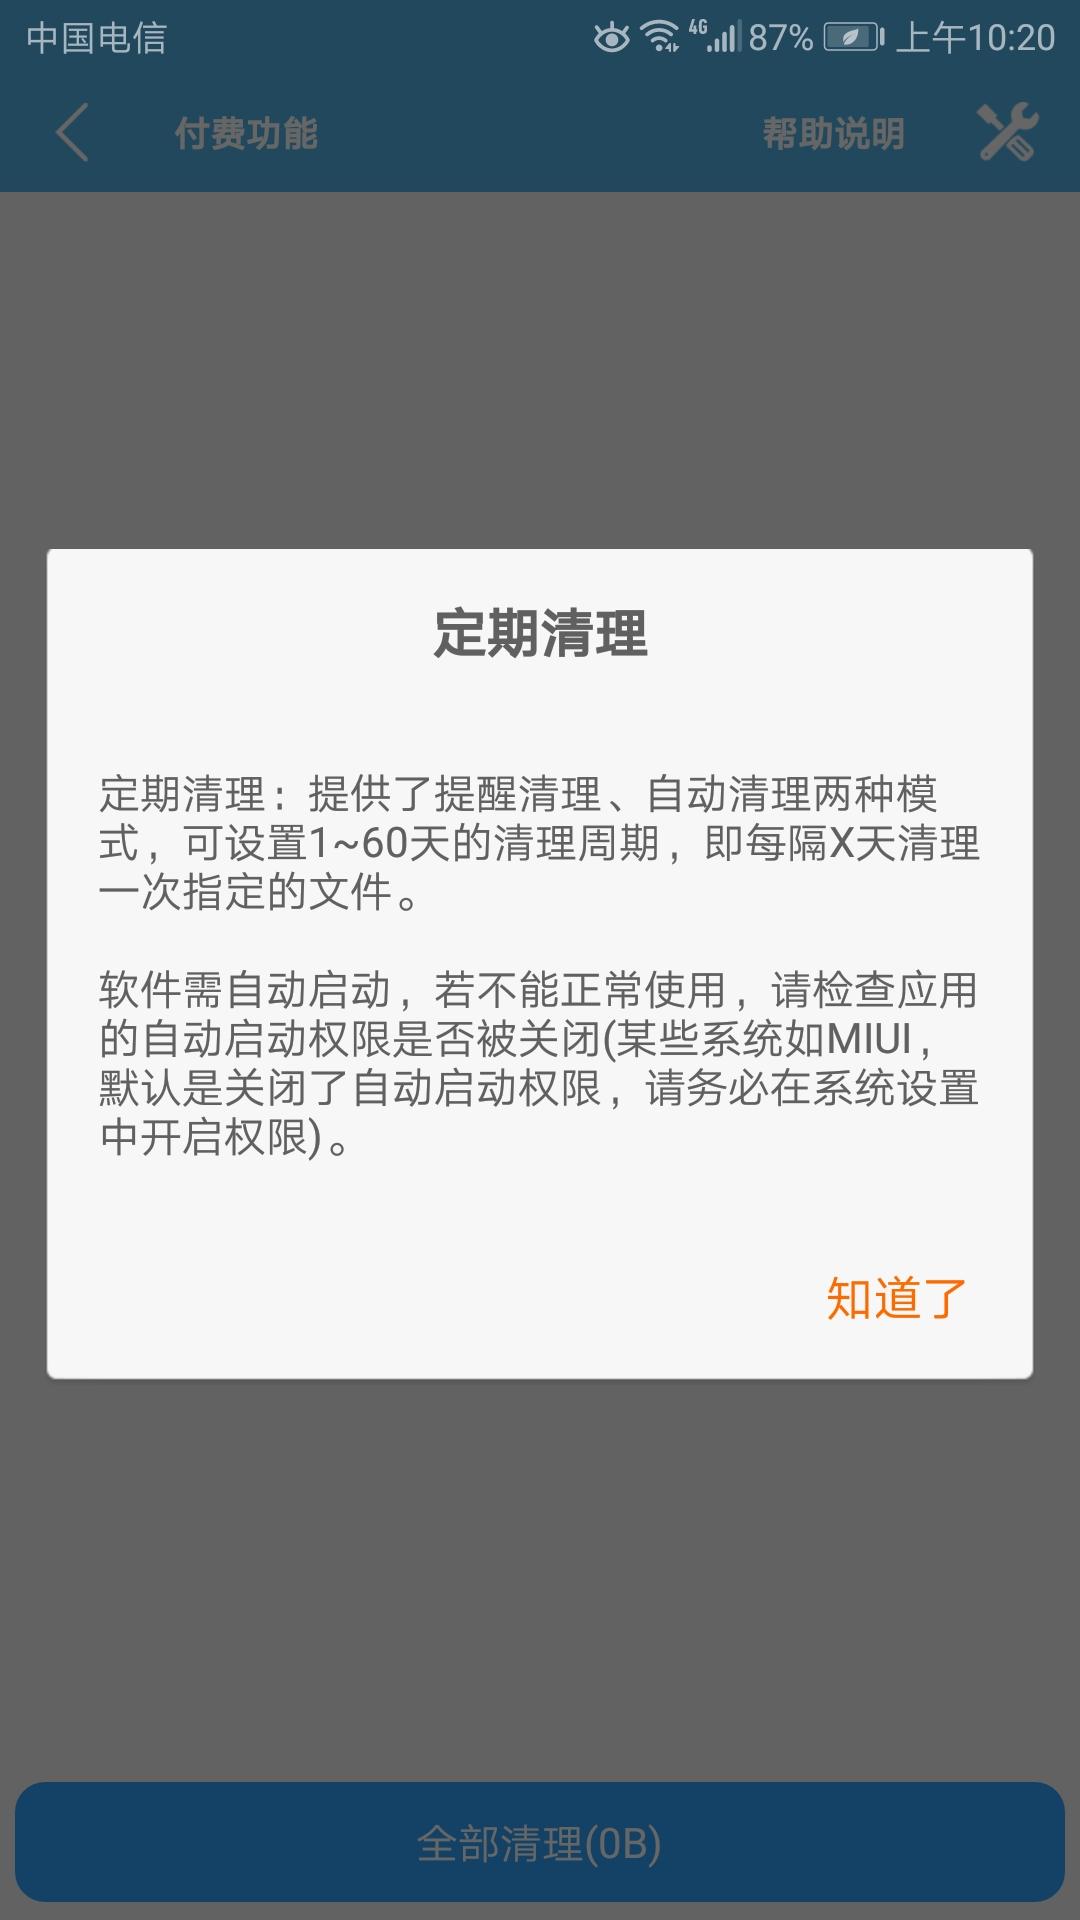 【资源分享】存储空间清理v4.3.3付费修改版